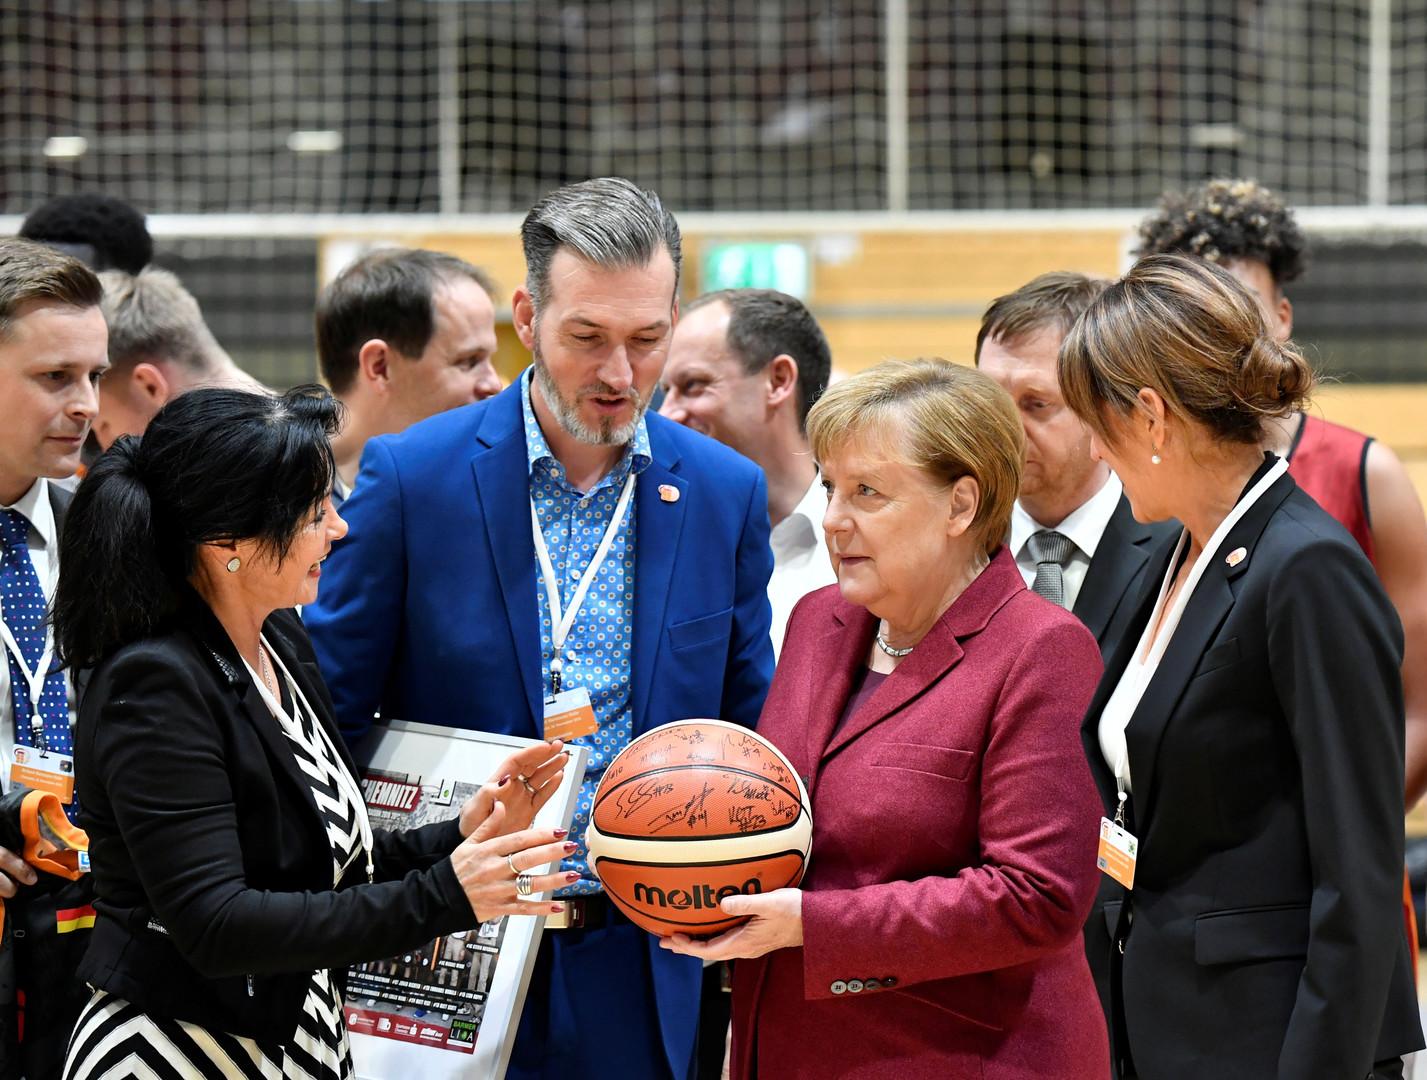 Mit leichter Verspätung: Drei Monate nach tödlicher Messerattacke besucht Kanzlerin Merkel Chemnitz